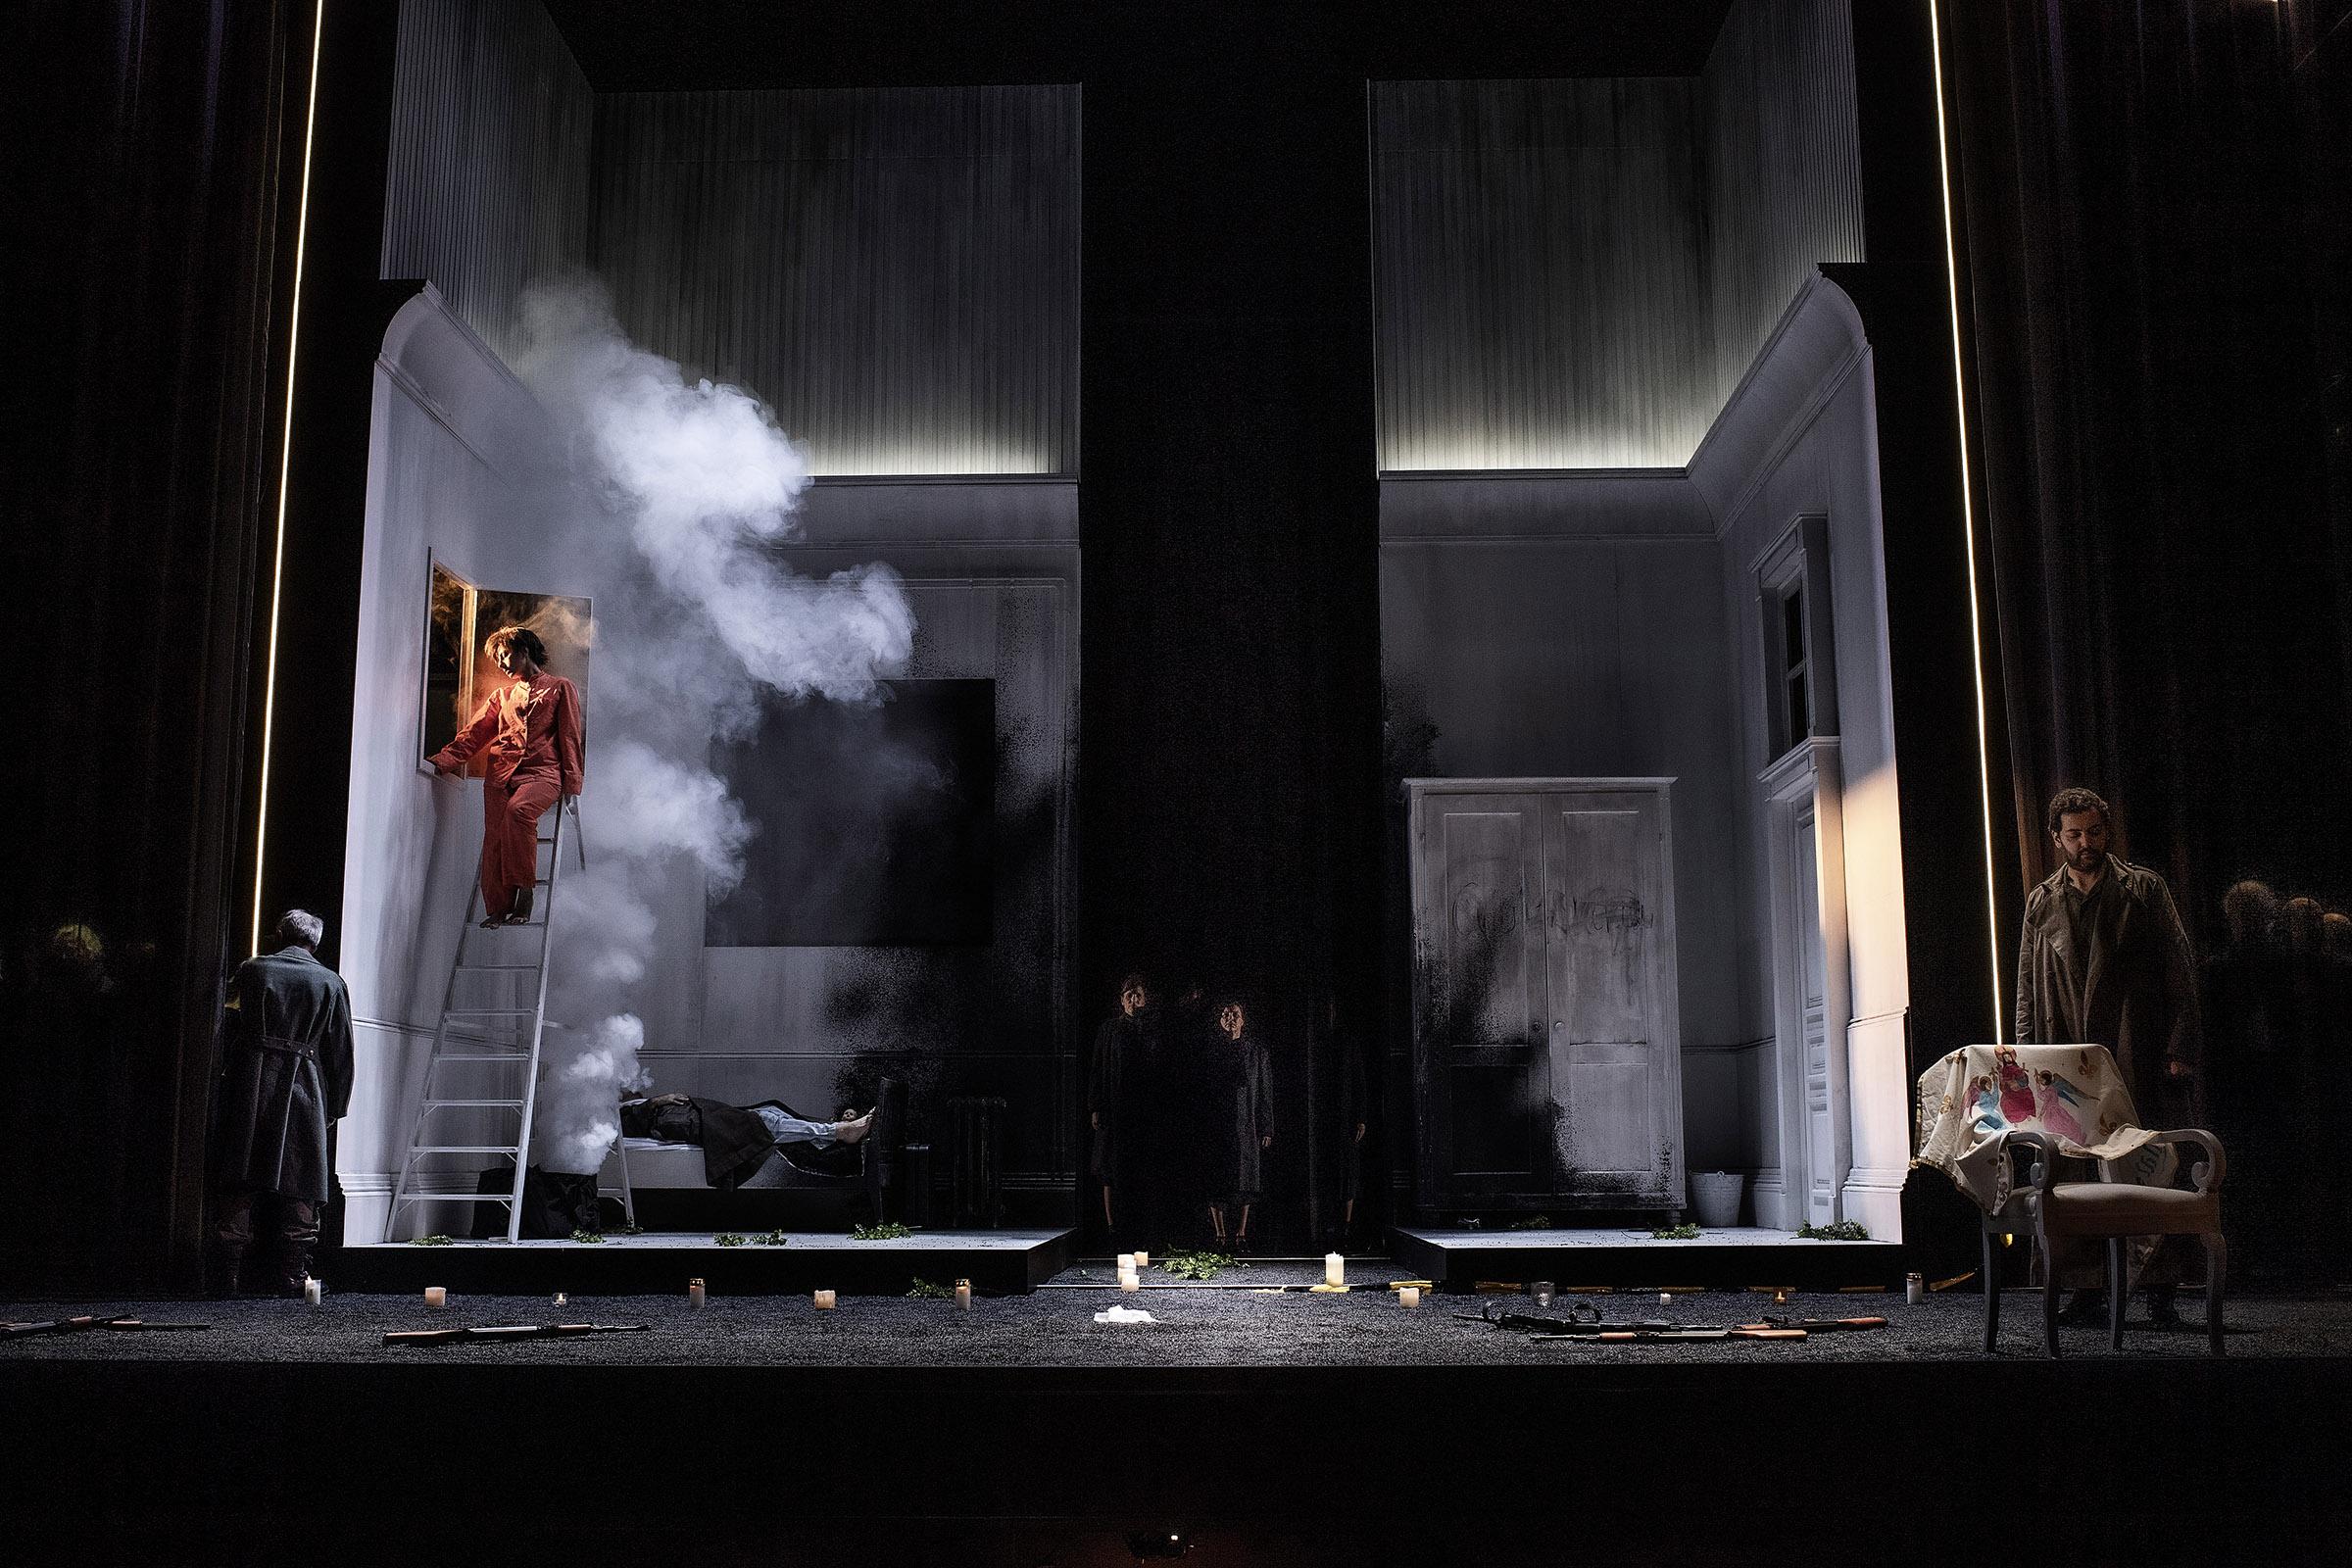 Bildergebnis für theater biel solothurn giovanna d'arco